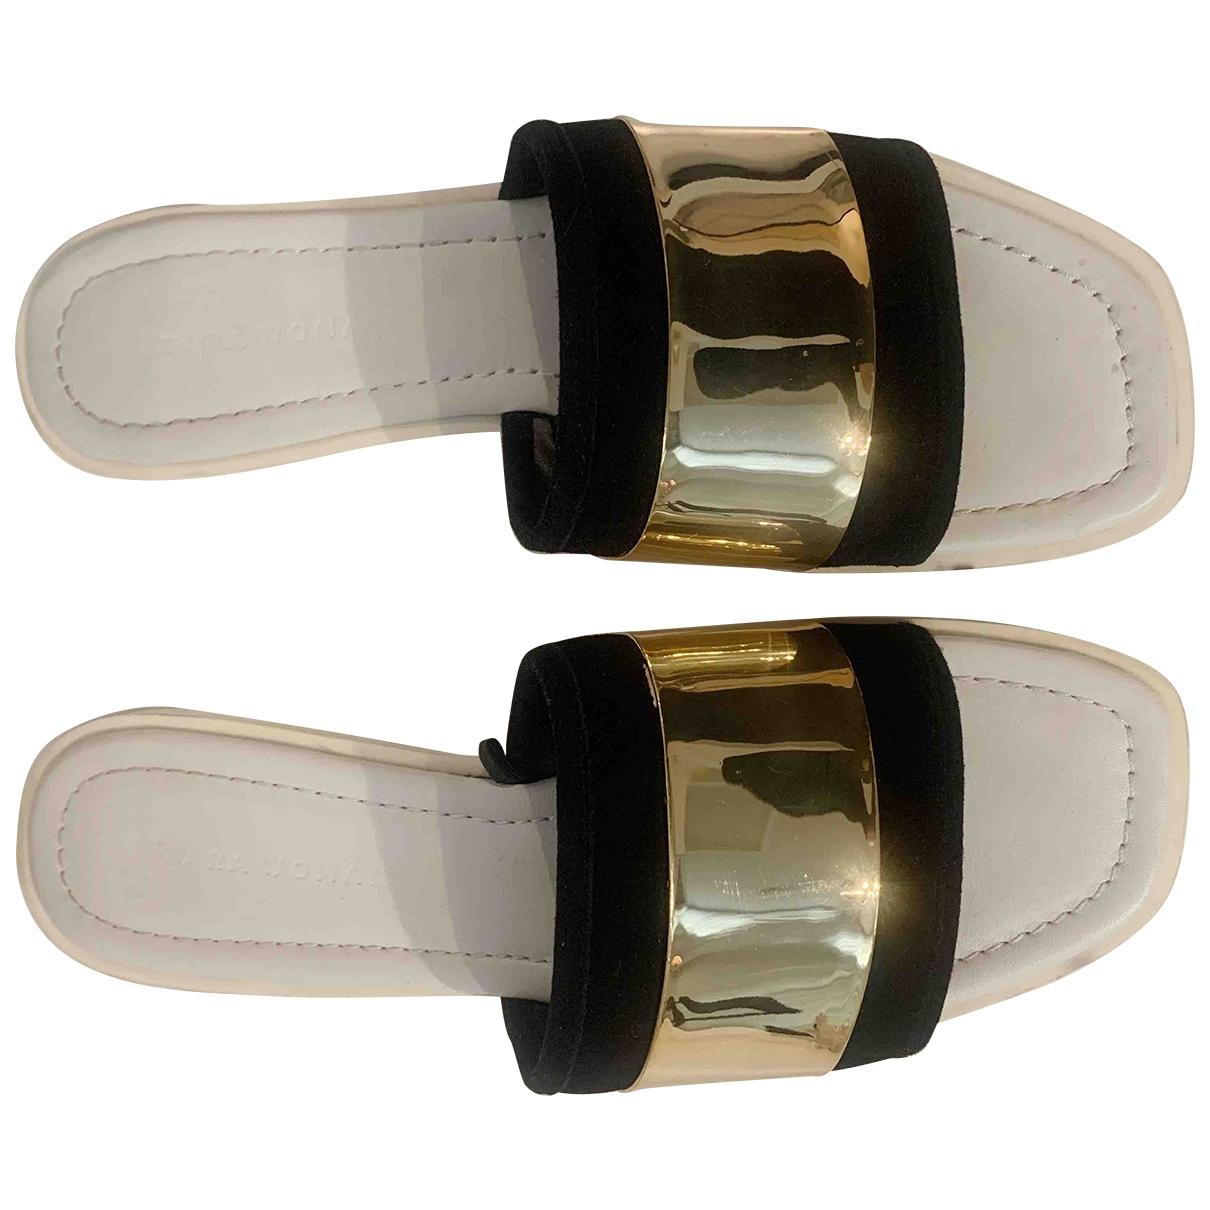 Zara - Sandales   pour femme - dore